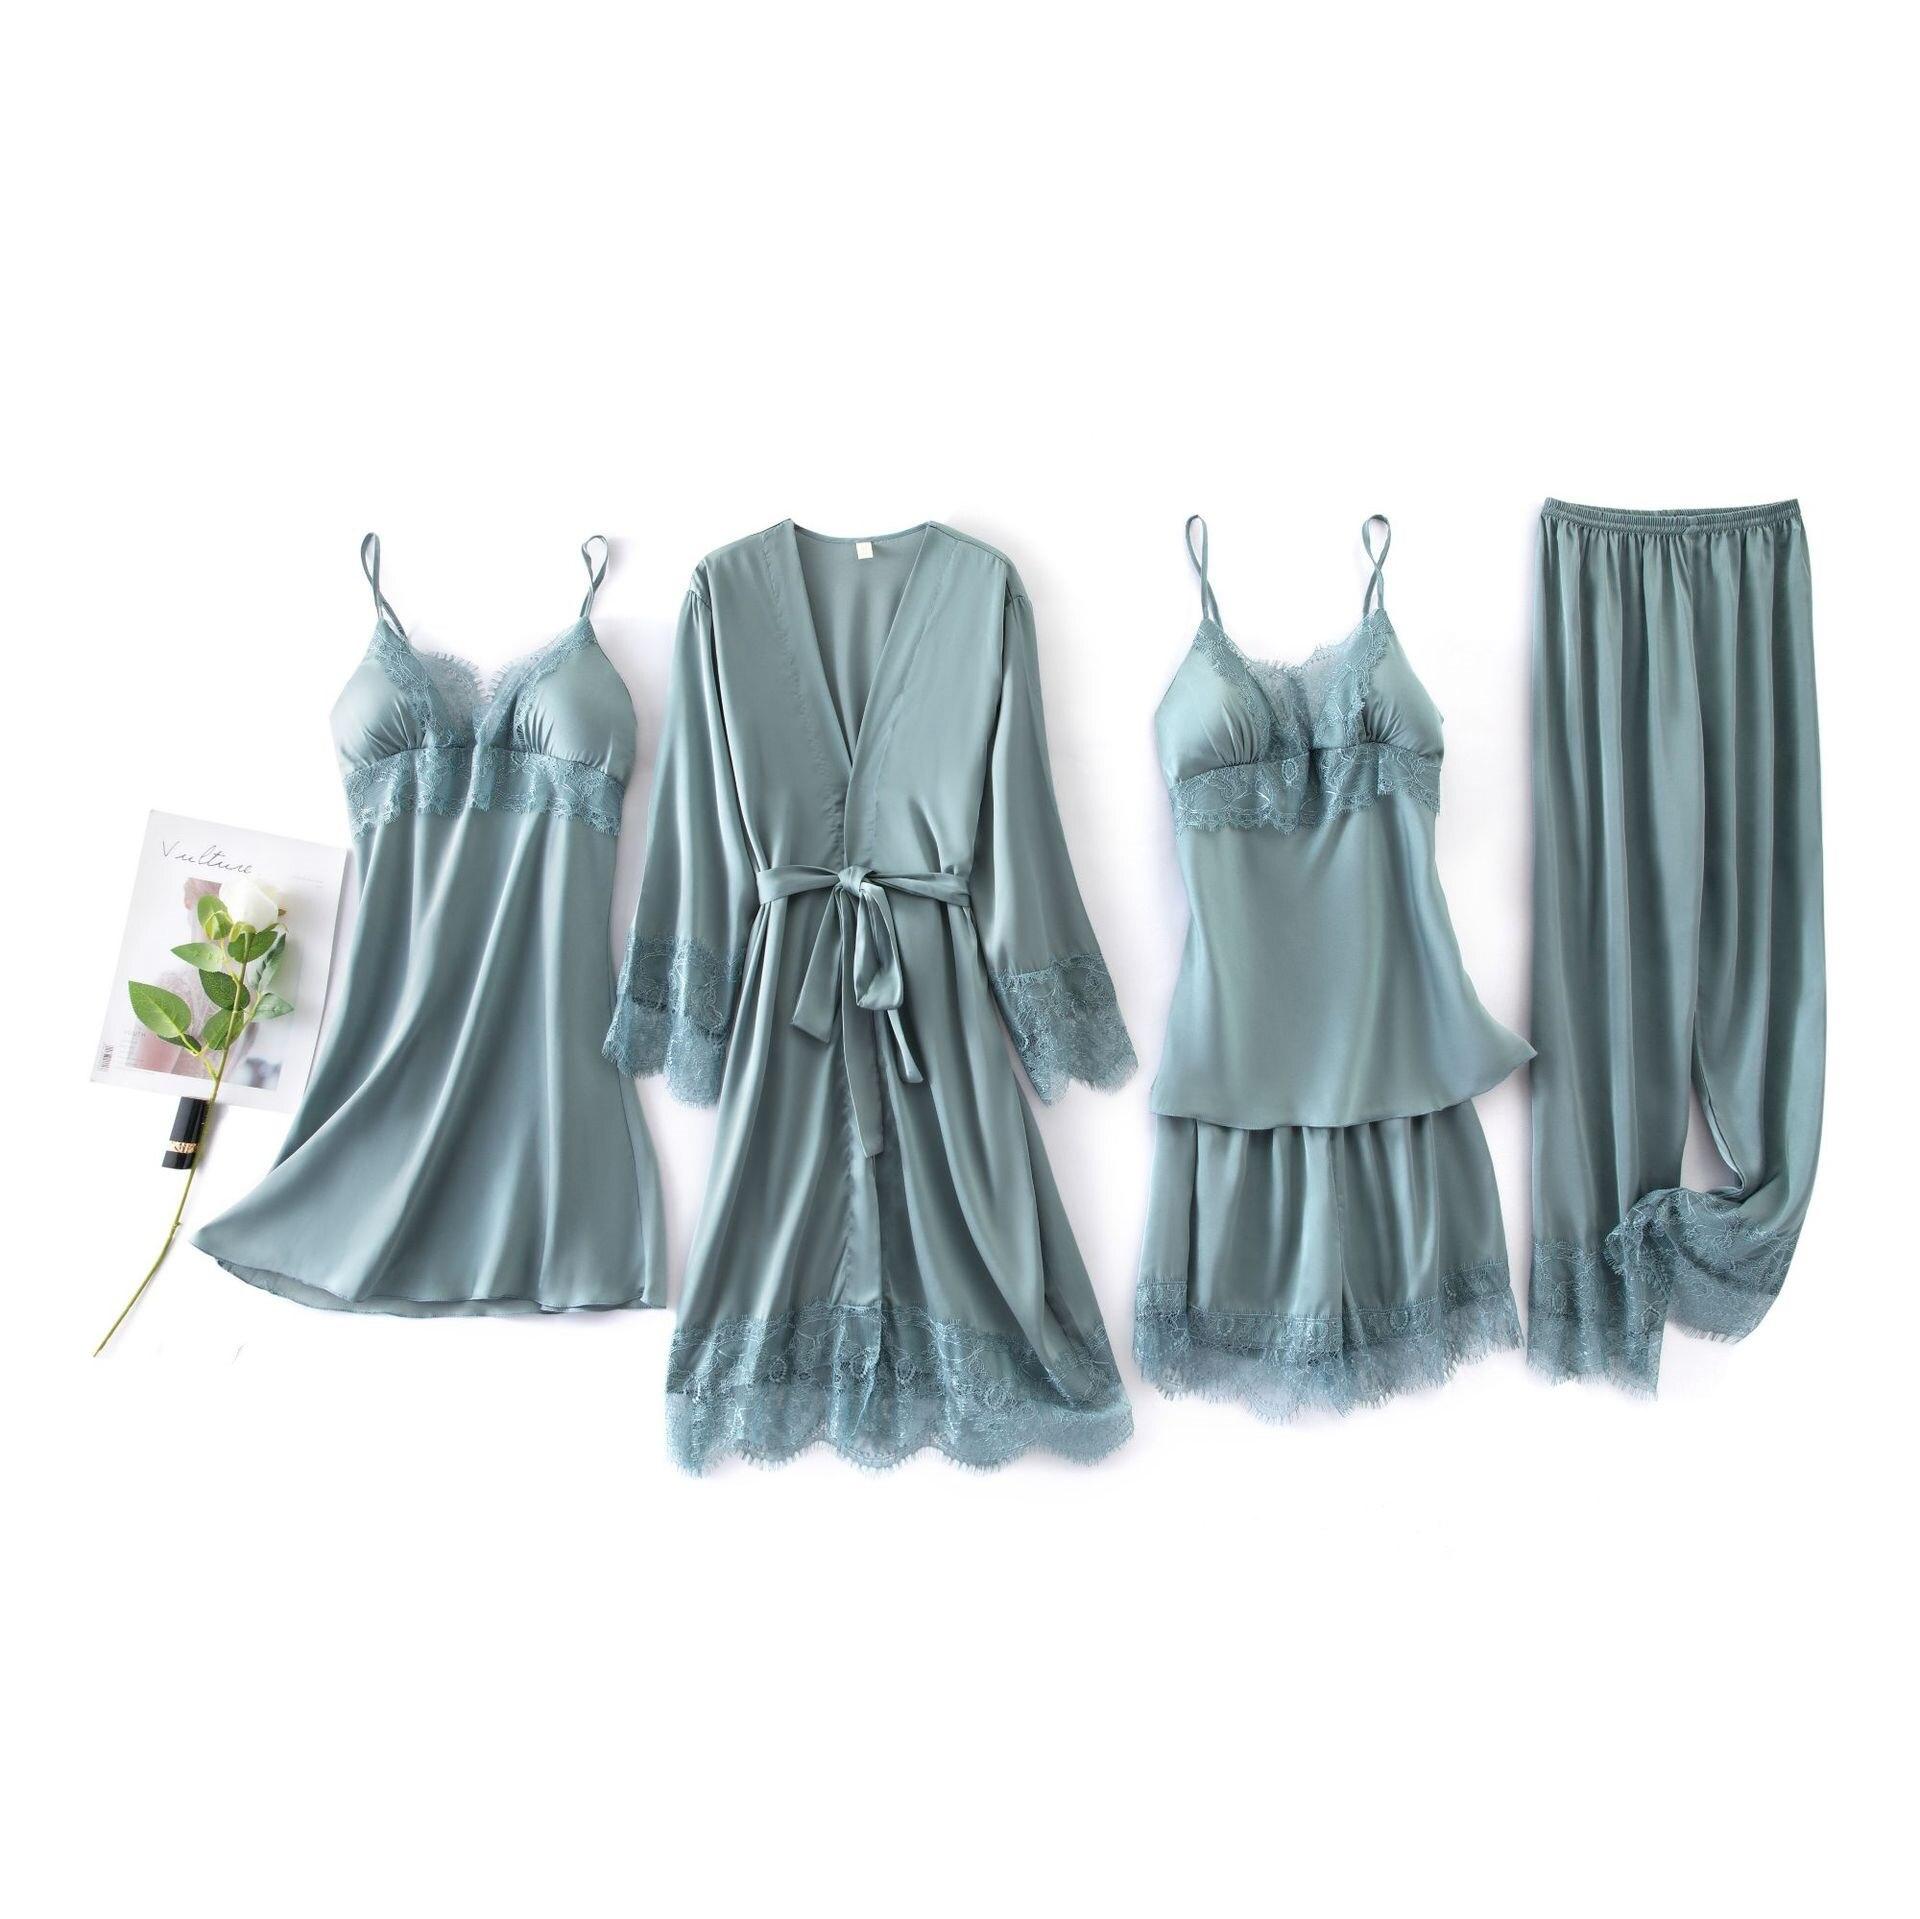 Conjunto de 5 piezas de pijamas elegantes de seda para mujer, conjunto de pantalones cortos de manga corta con cintura elástica, conjunto de ropa de dormir con pecho